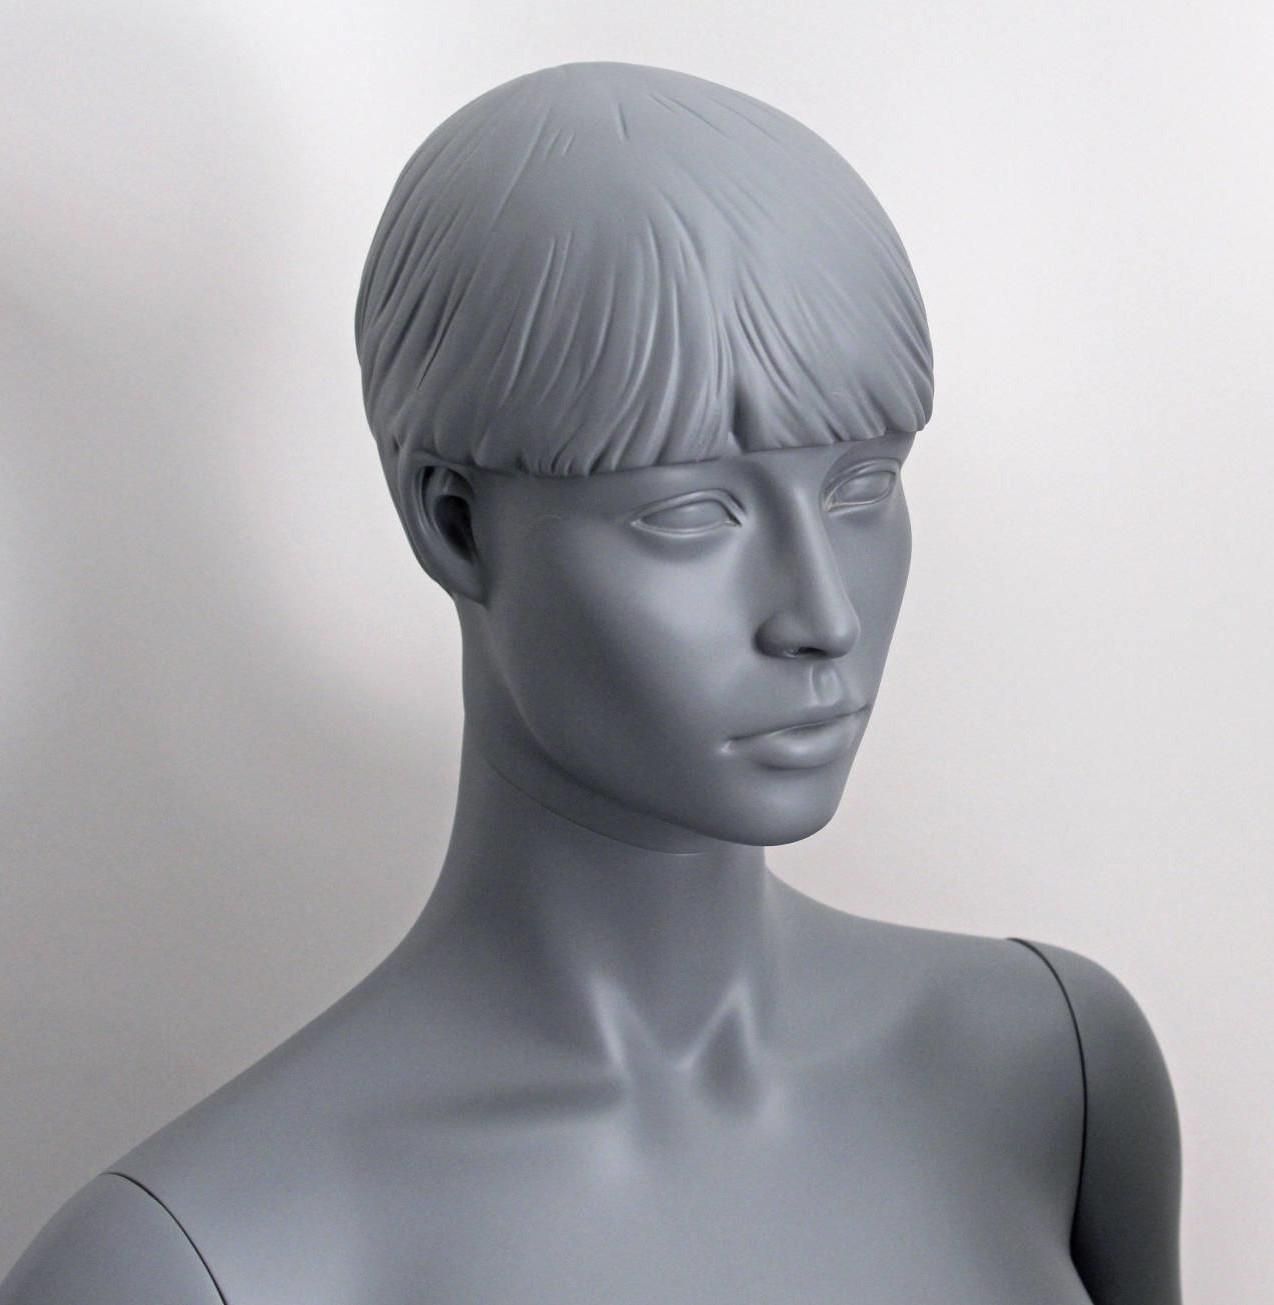 dame mannequin grå, går flot til tøjet i modebutikkerne